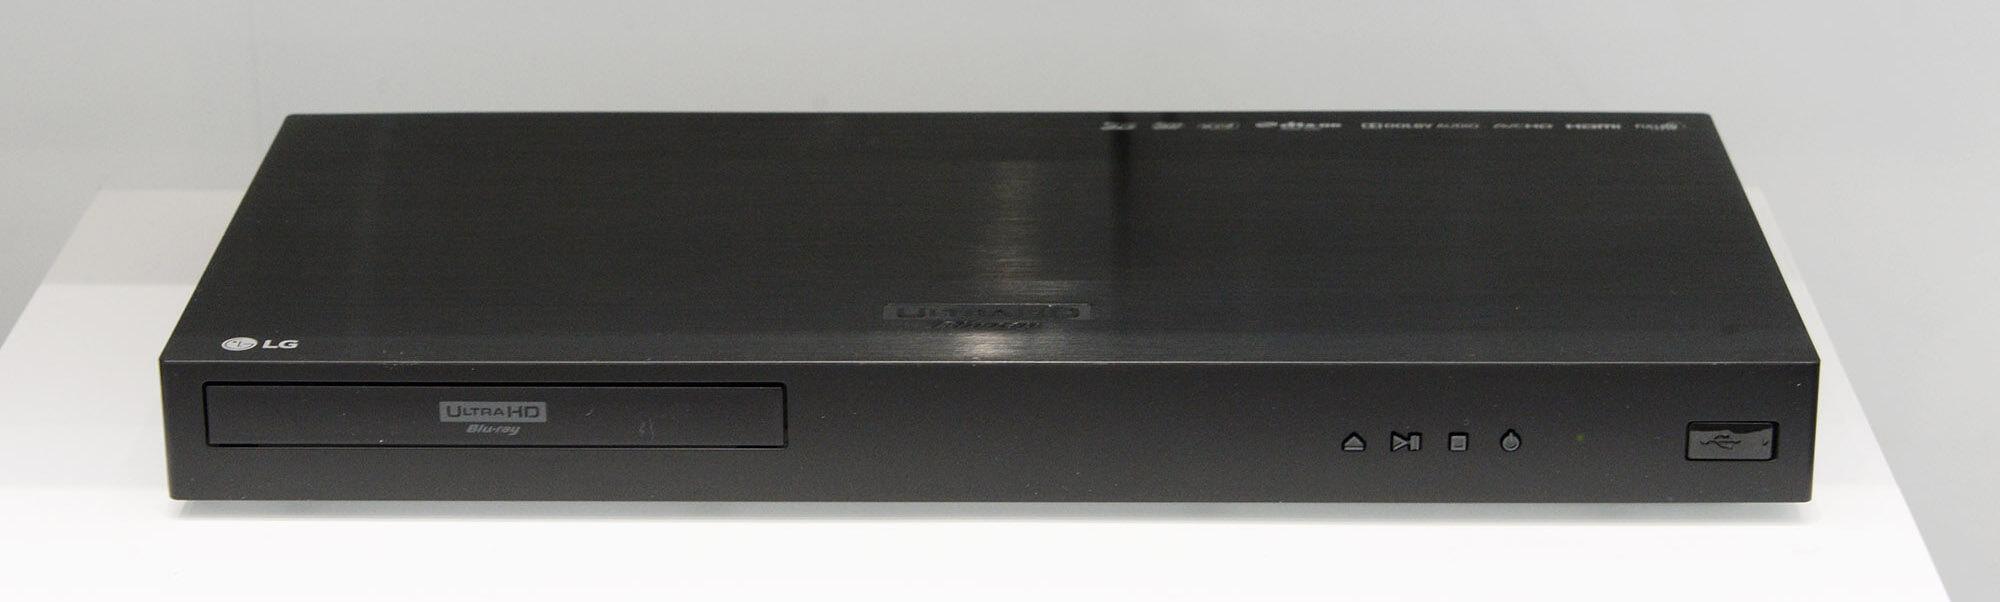 LG Dolby Digital Blu-ray Ultra HD